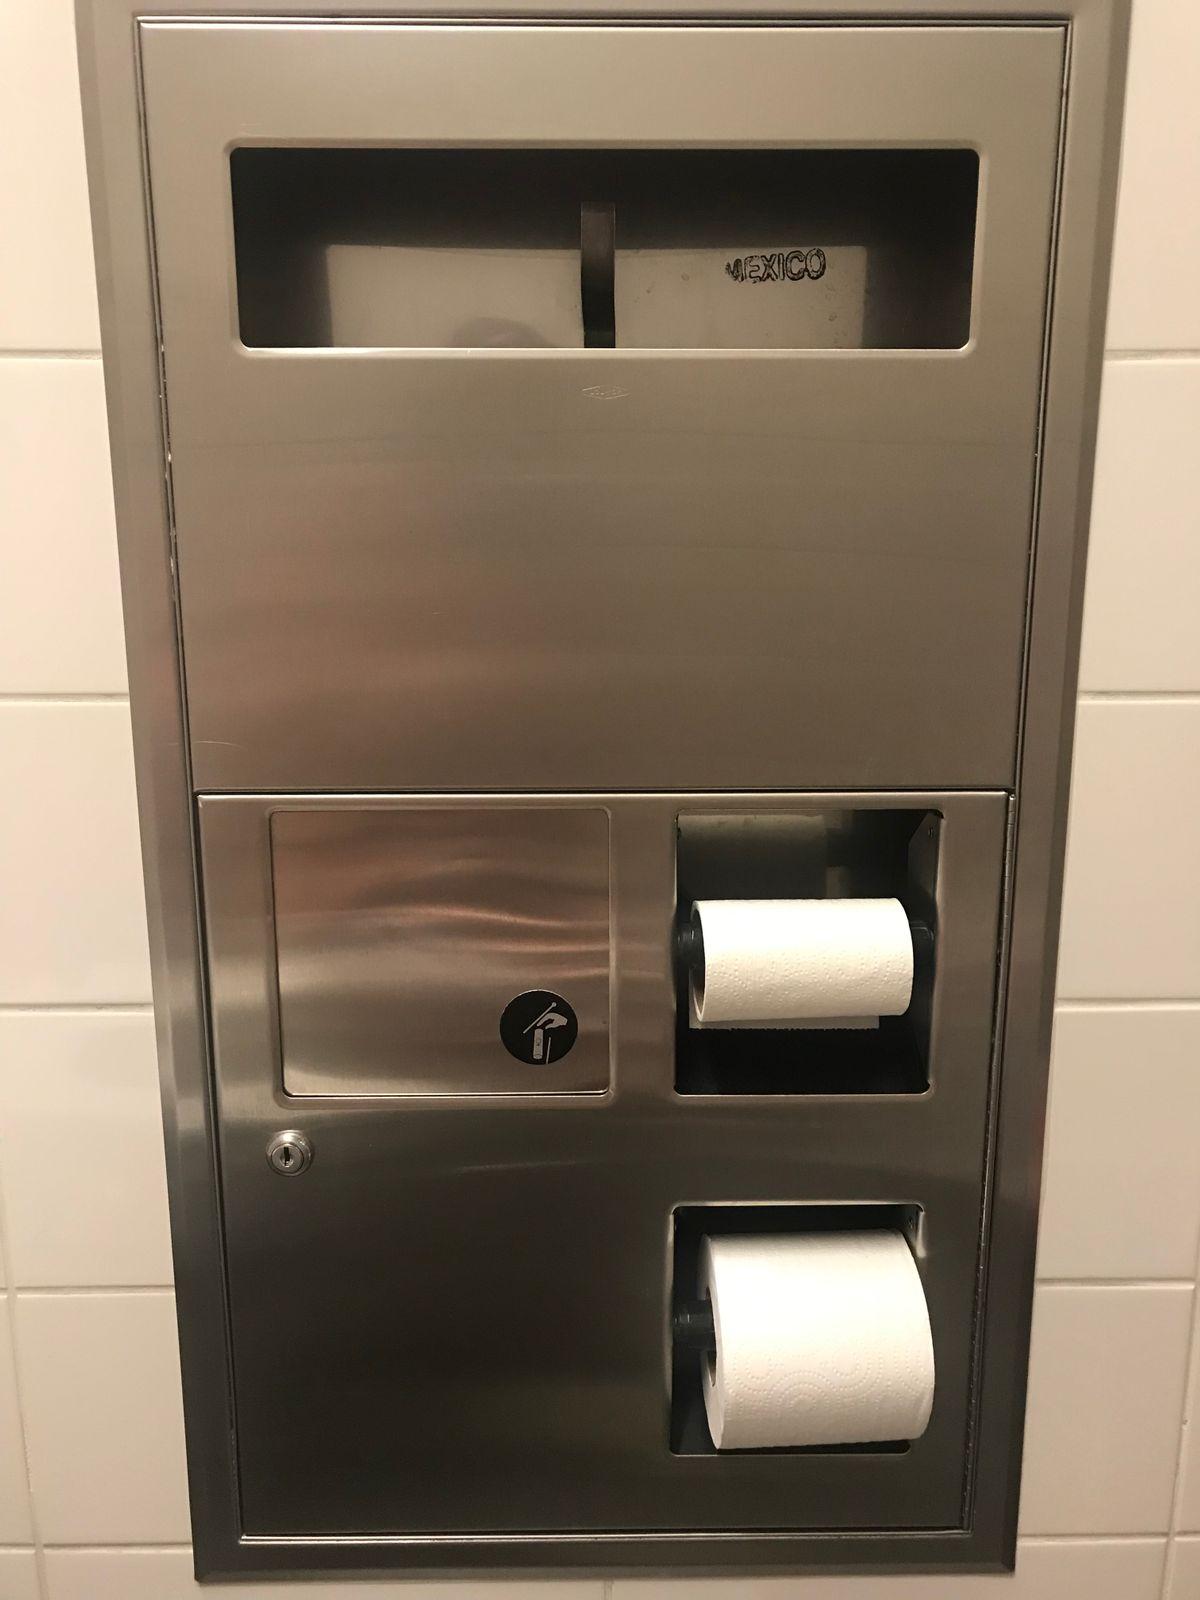 ภายในห้องน้ำ ดูสะอาดมาก